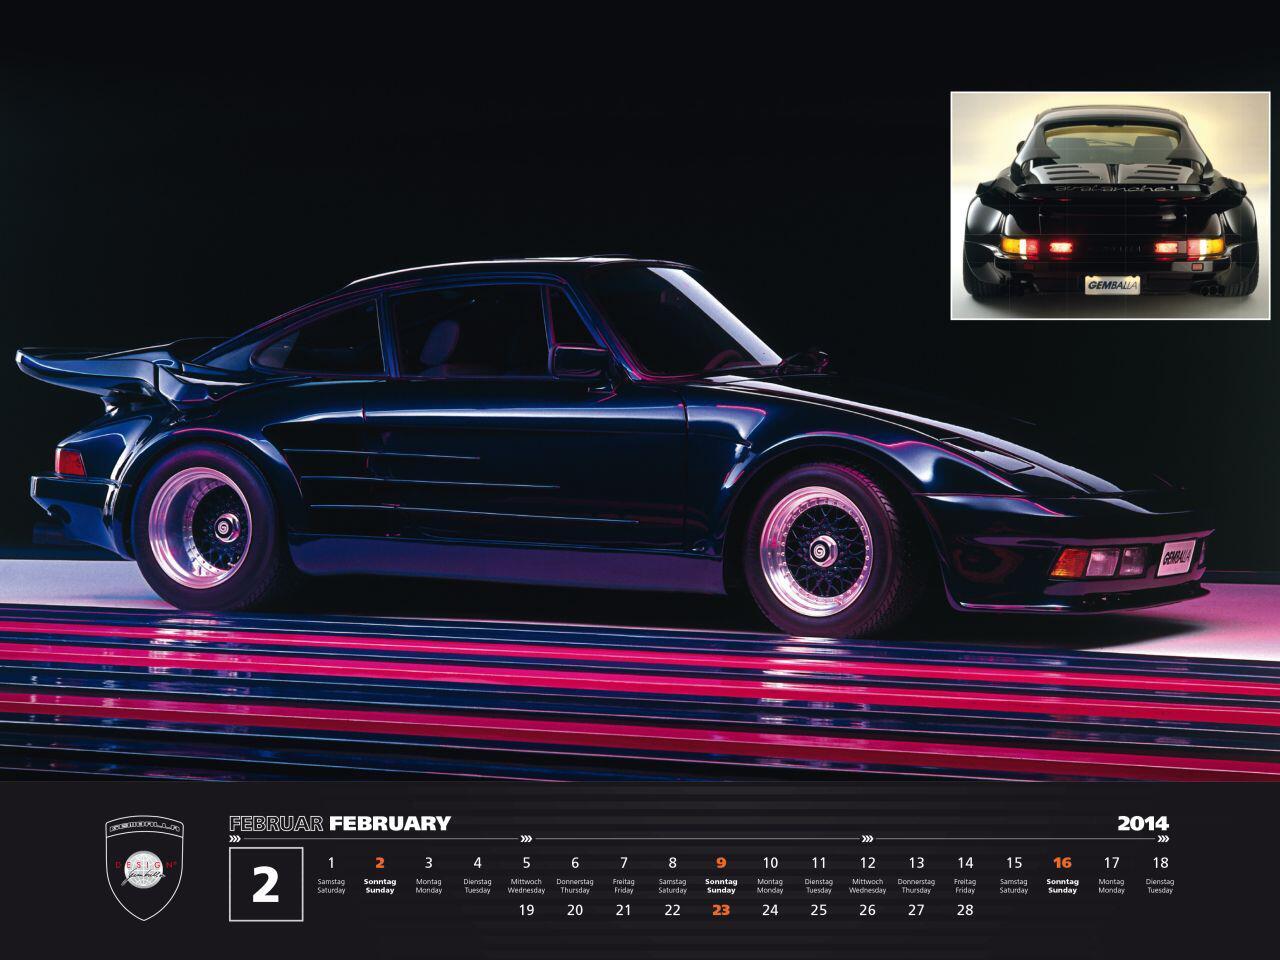 Bild zu Ganz im Zeichen des Porsche 911: Der Kalender ist auf 911 Exemplare limitiert